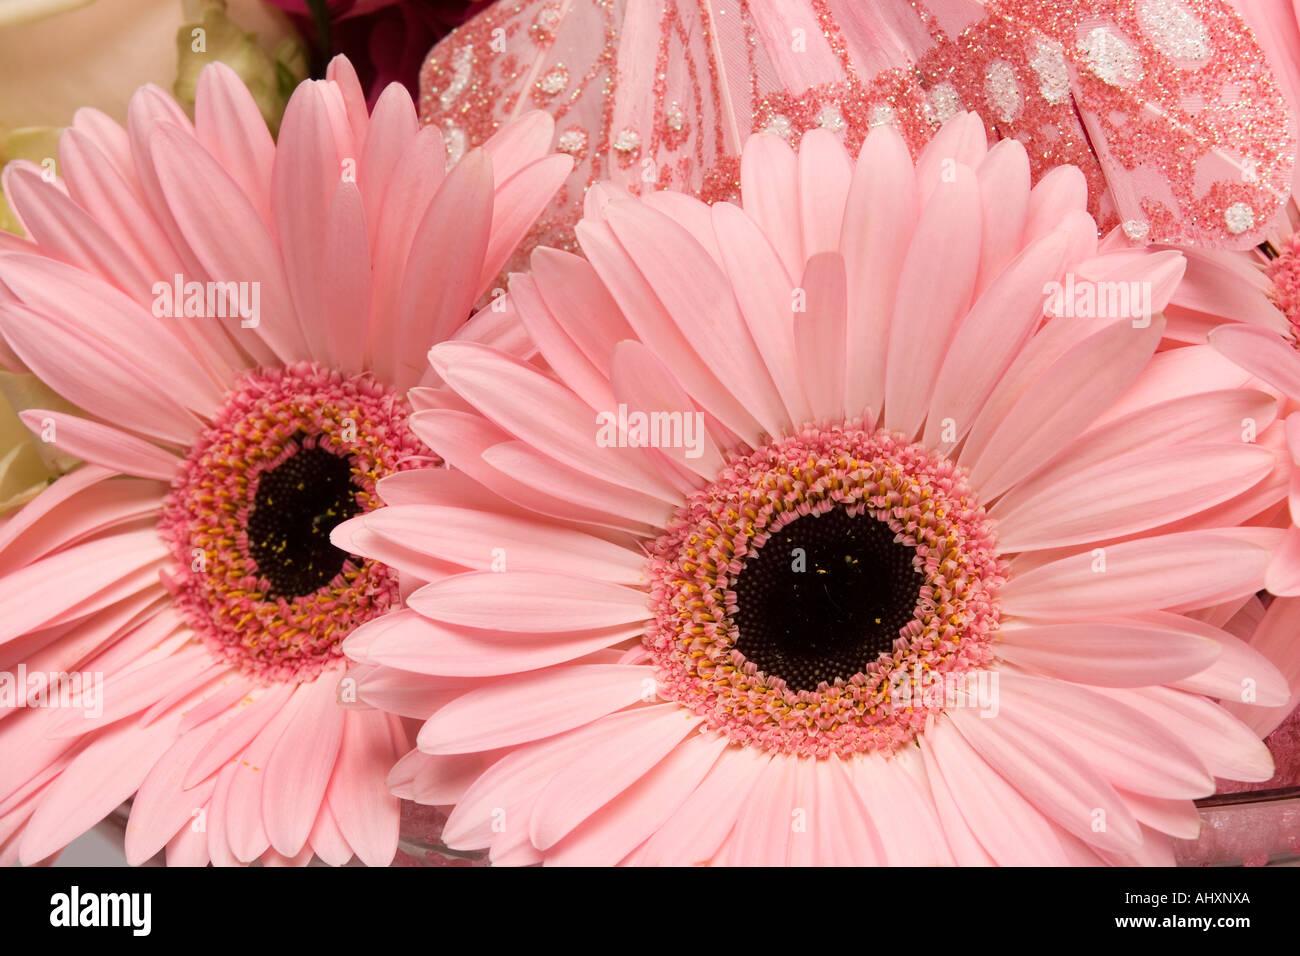 weddings arrangement bunch of pink gerbera flowers Stock Photo ...